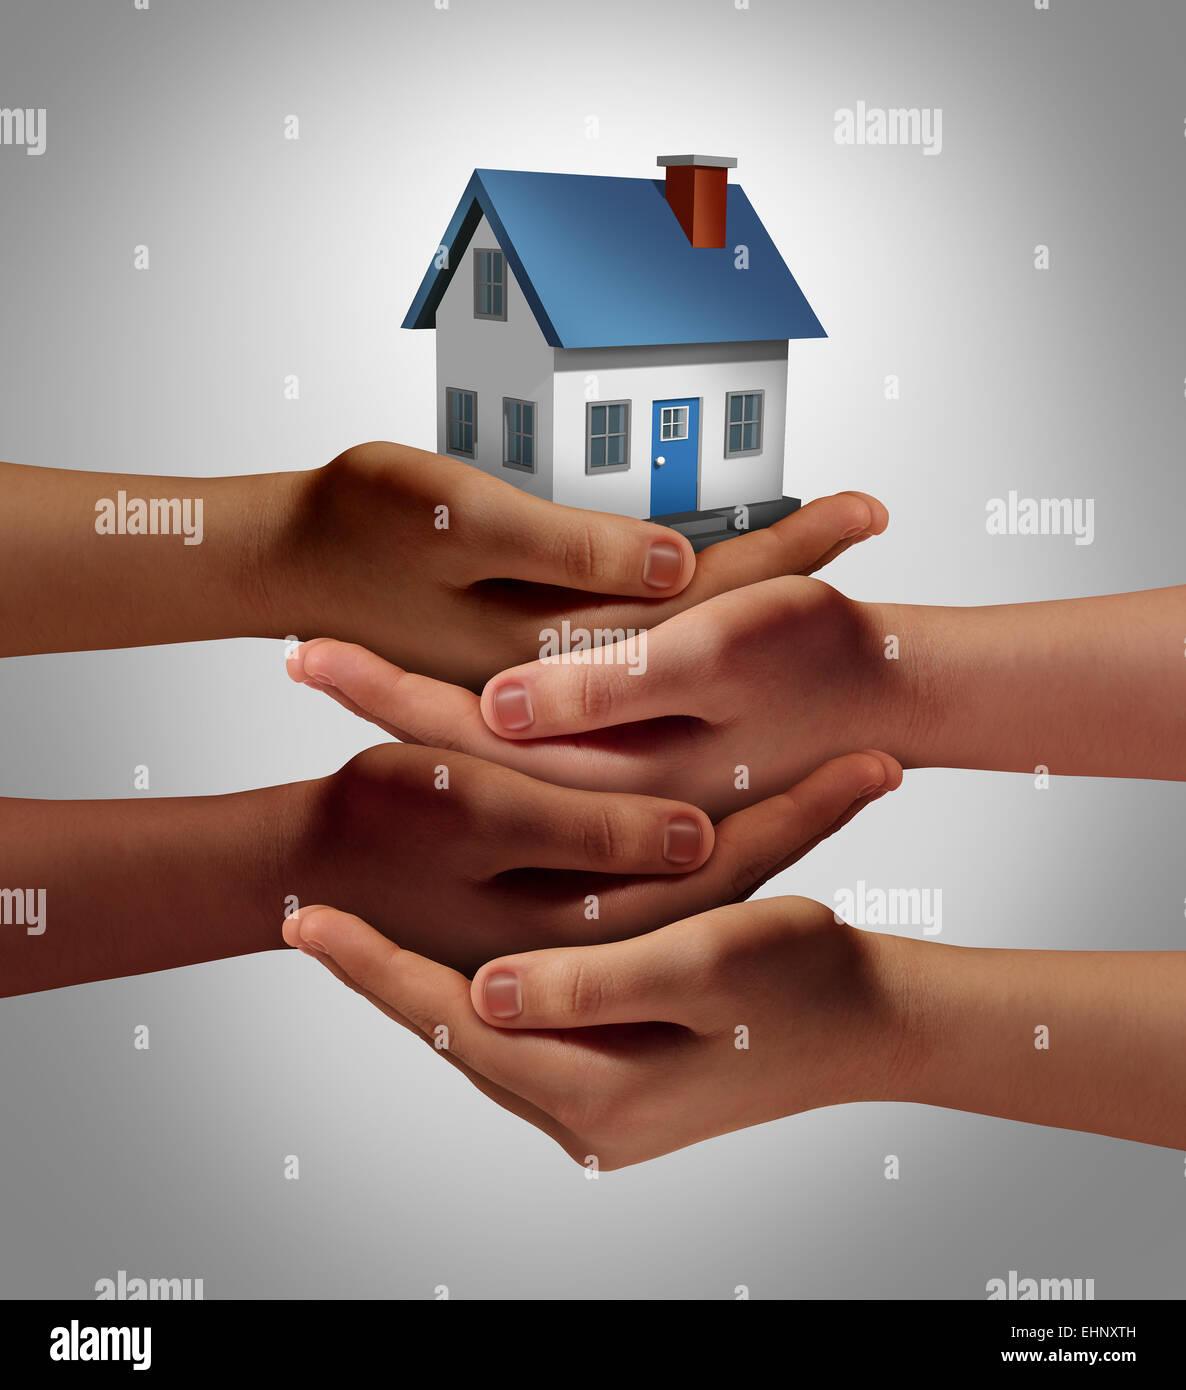 Comunità il concetto di alloggiamento e supporto contigue o Neighborhood Watch simbolo come collegato un gruppo Immagini Stock